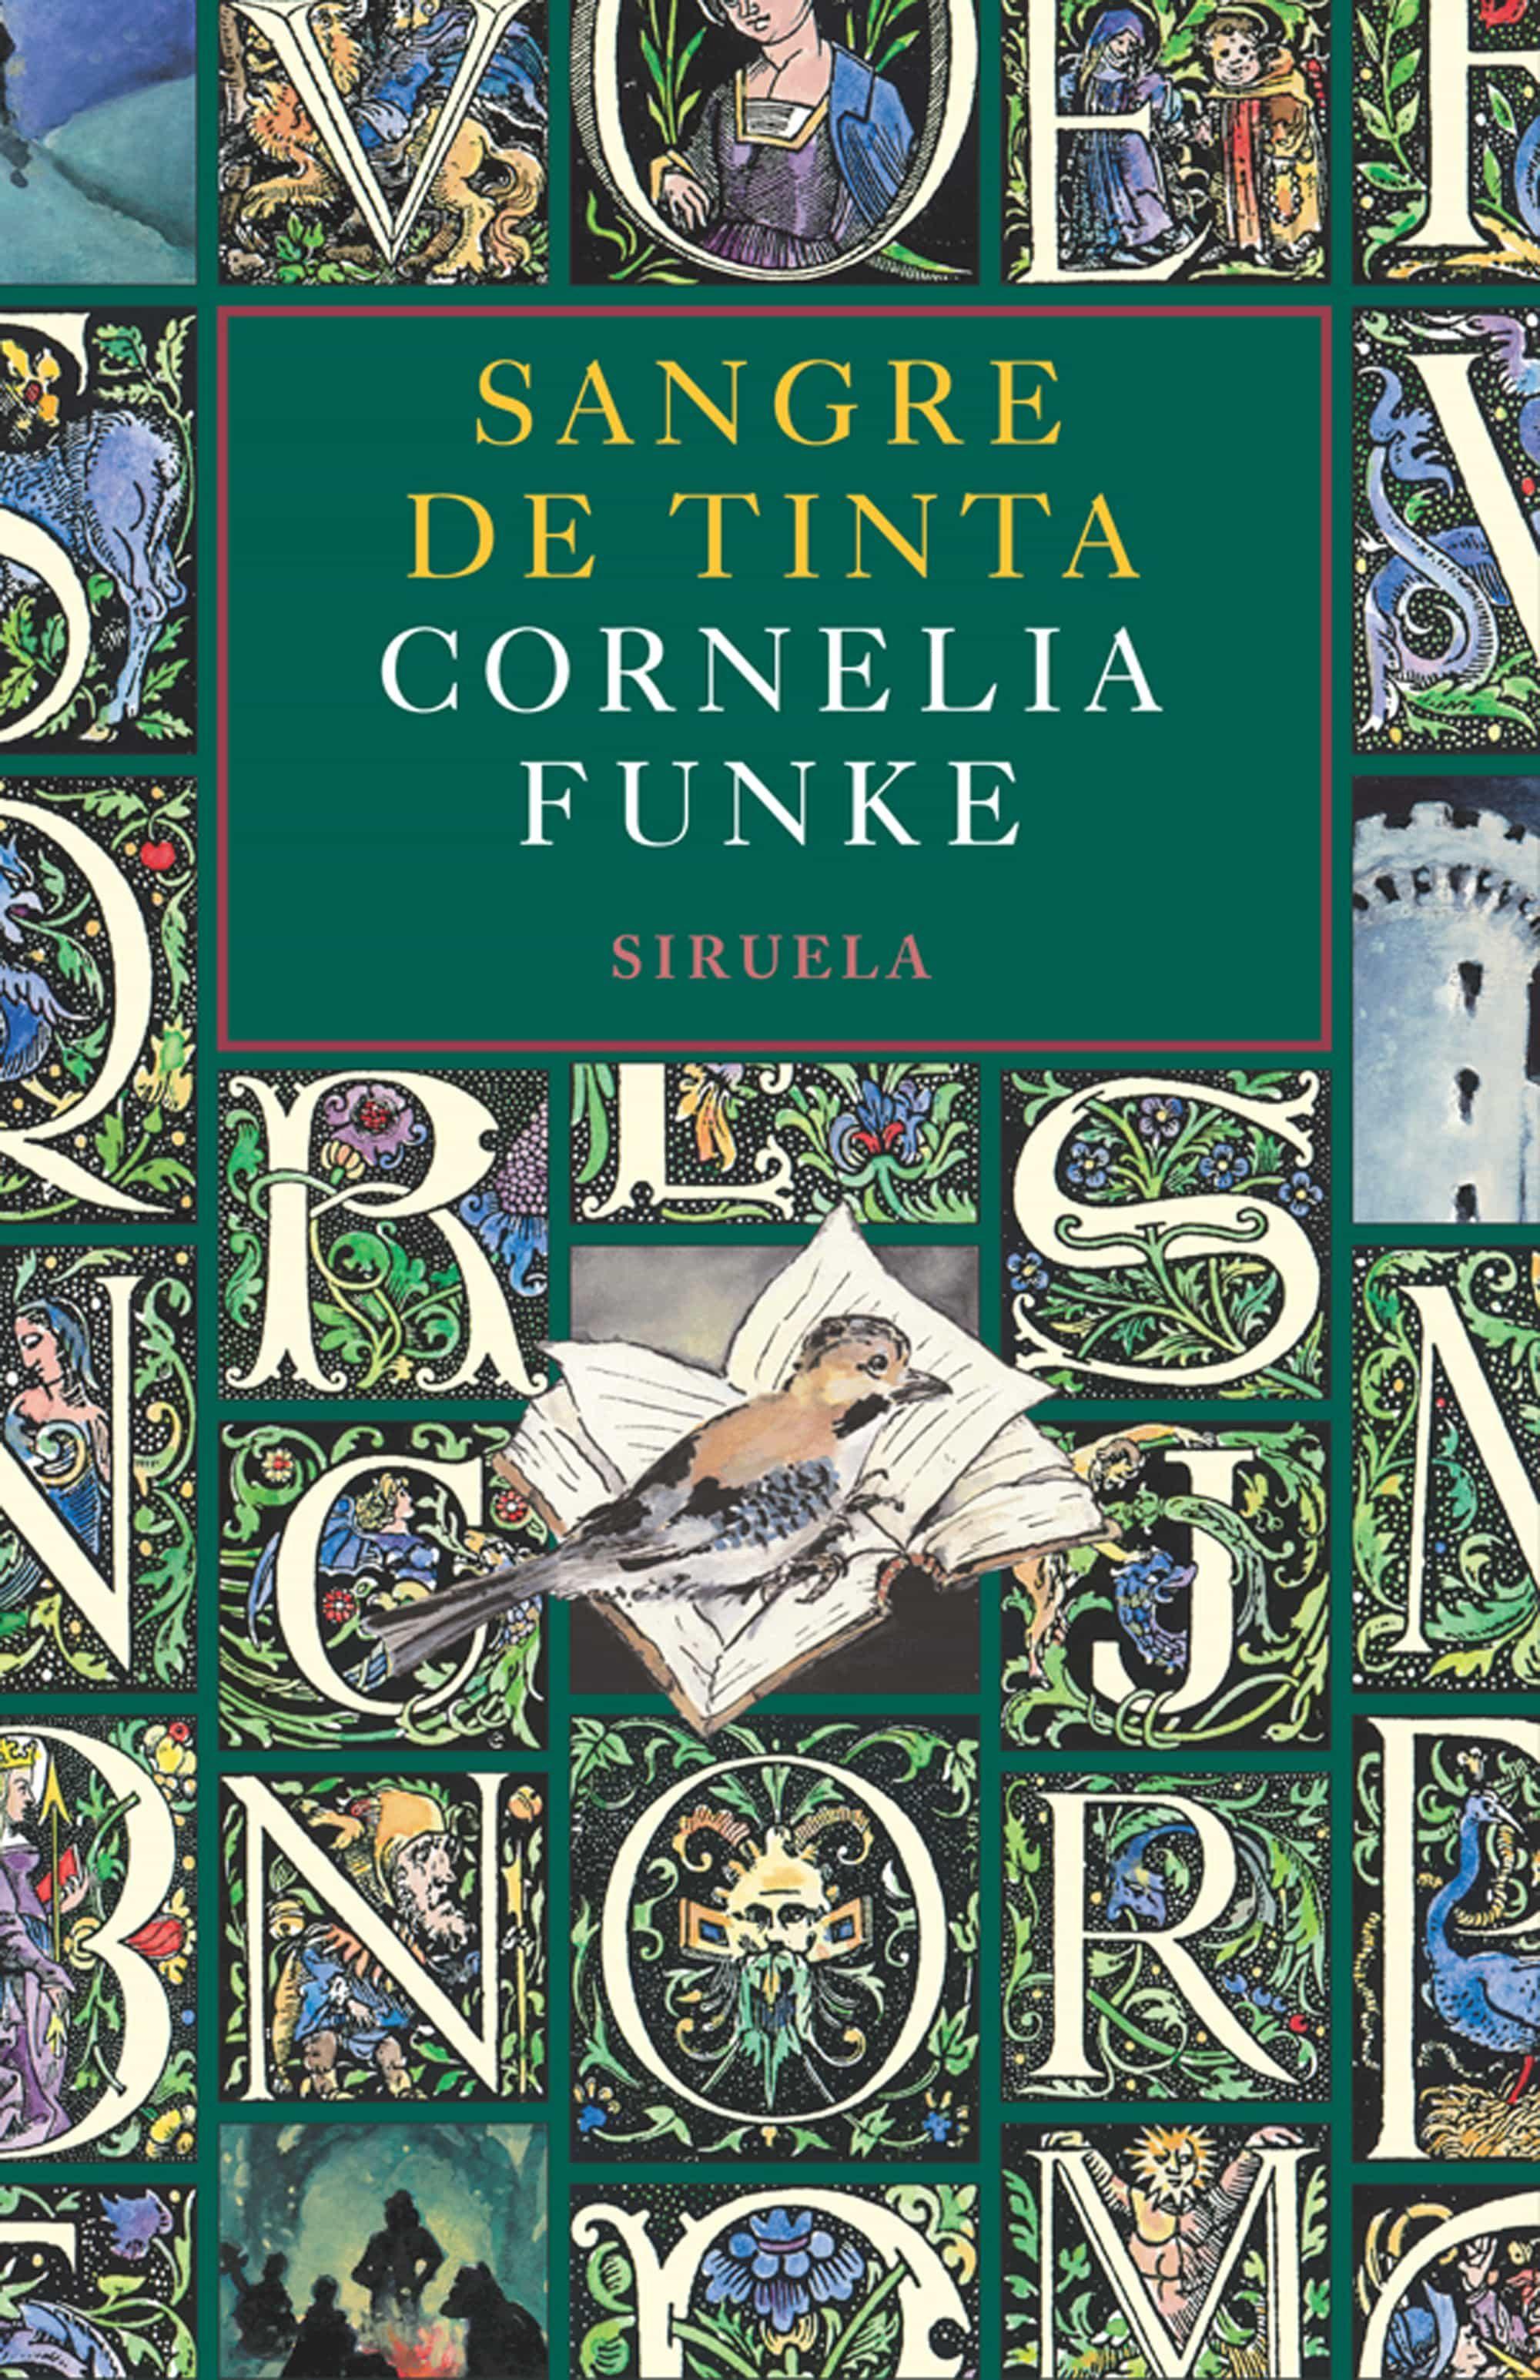 Sangre De Tinta por Cornelia Funke